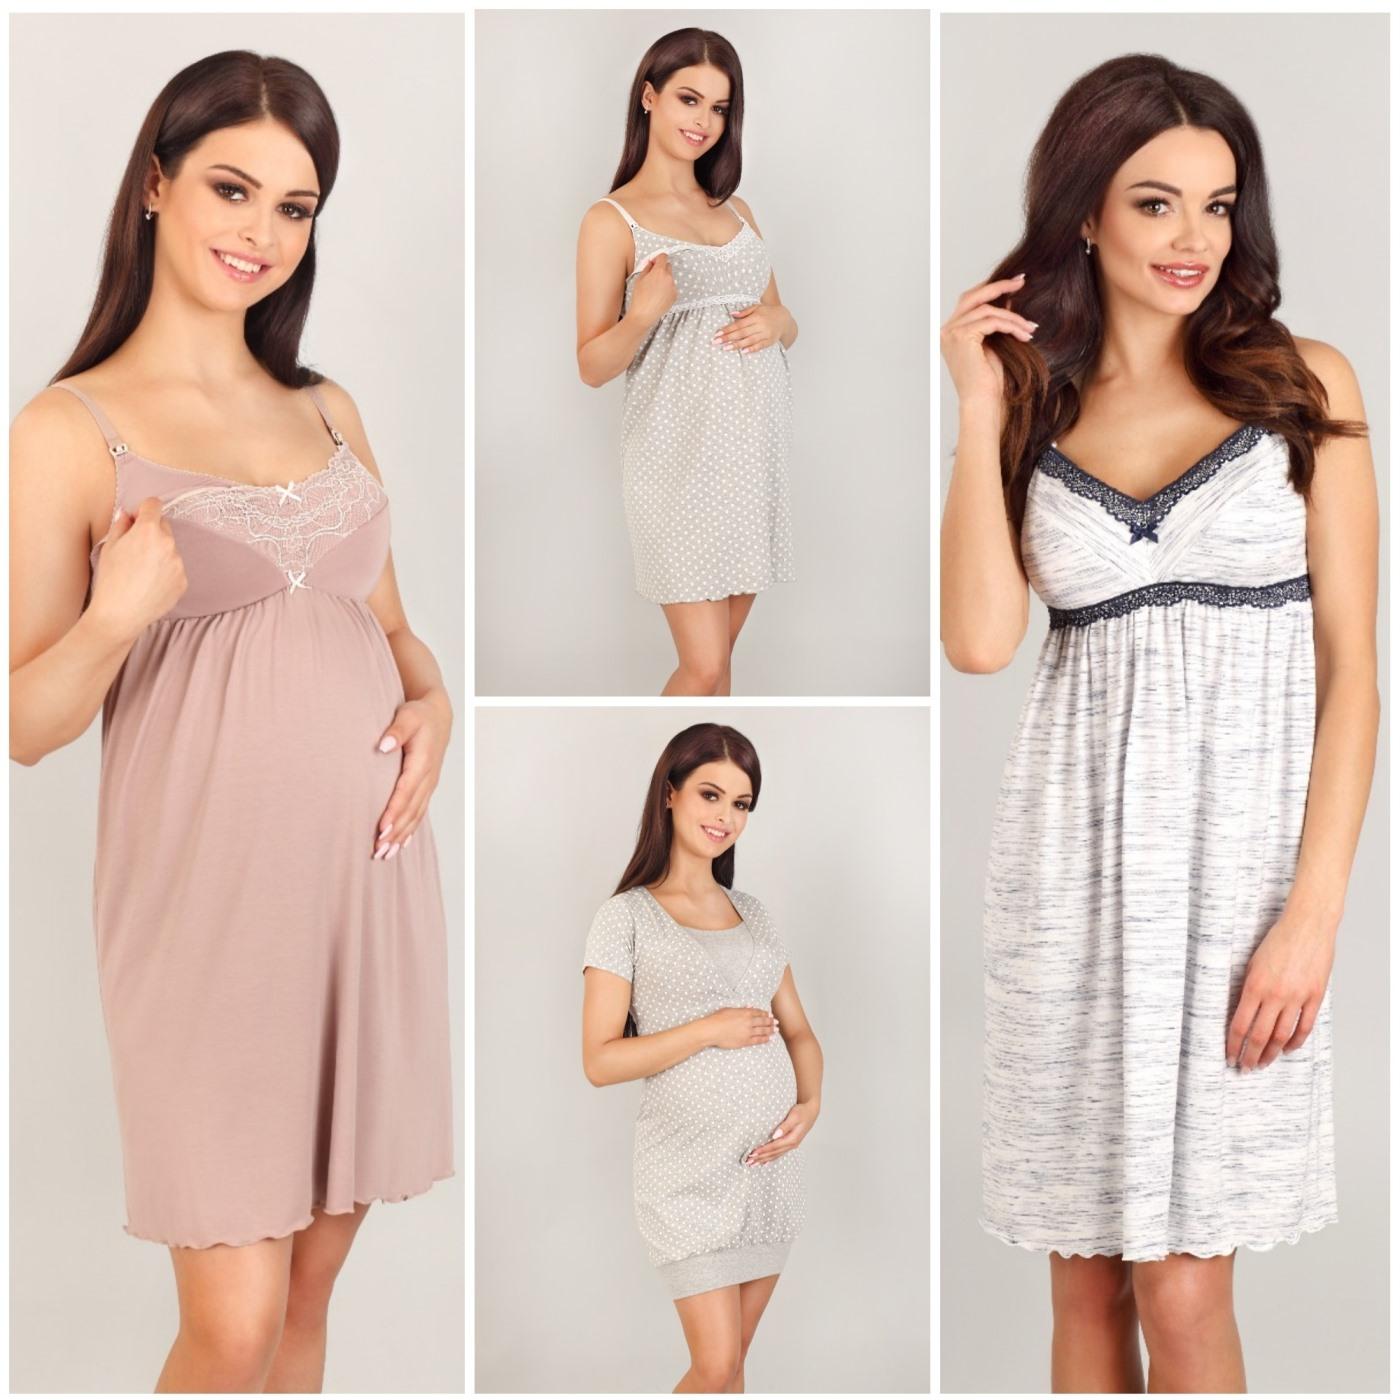 Ночные сорочки ночнушки для беременных и кормления LupoLine купить